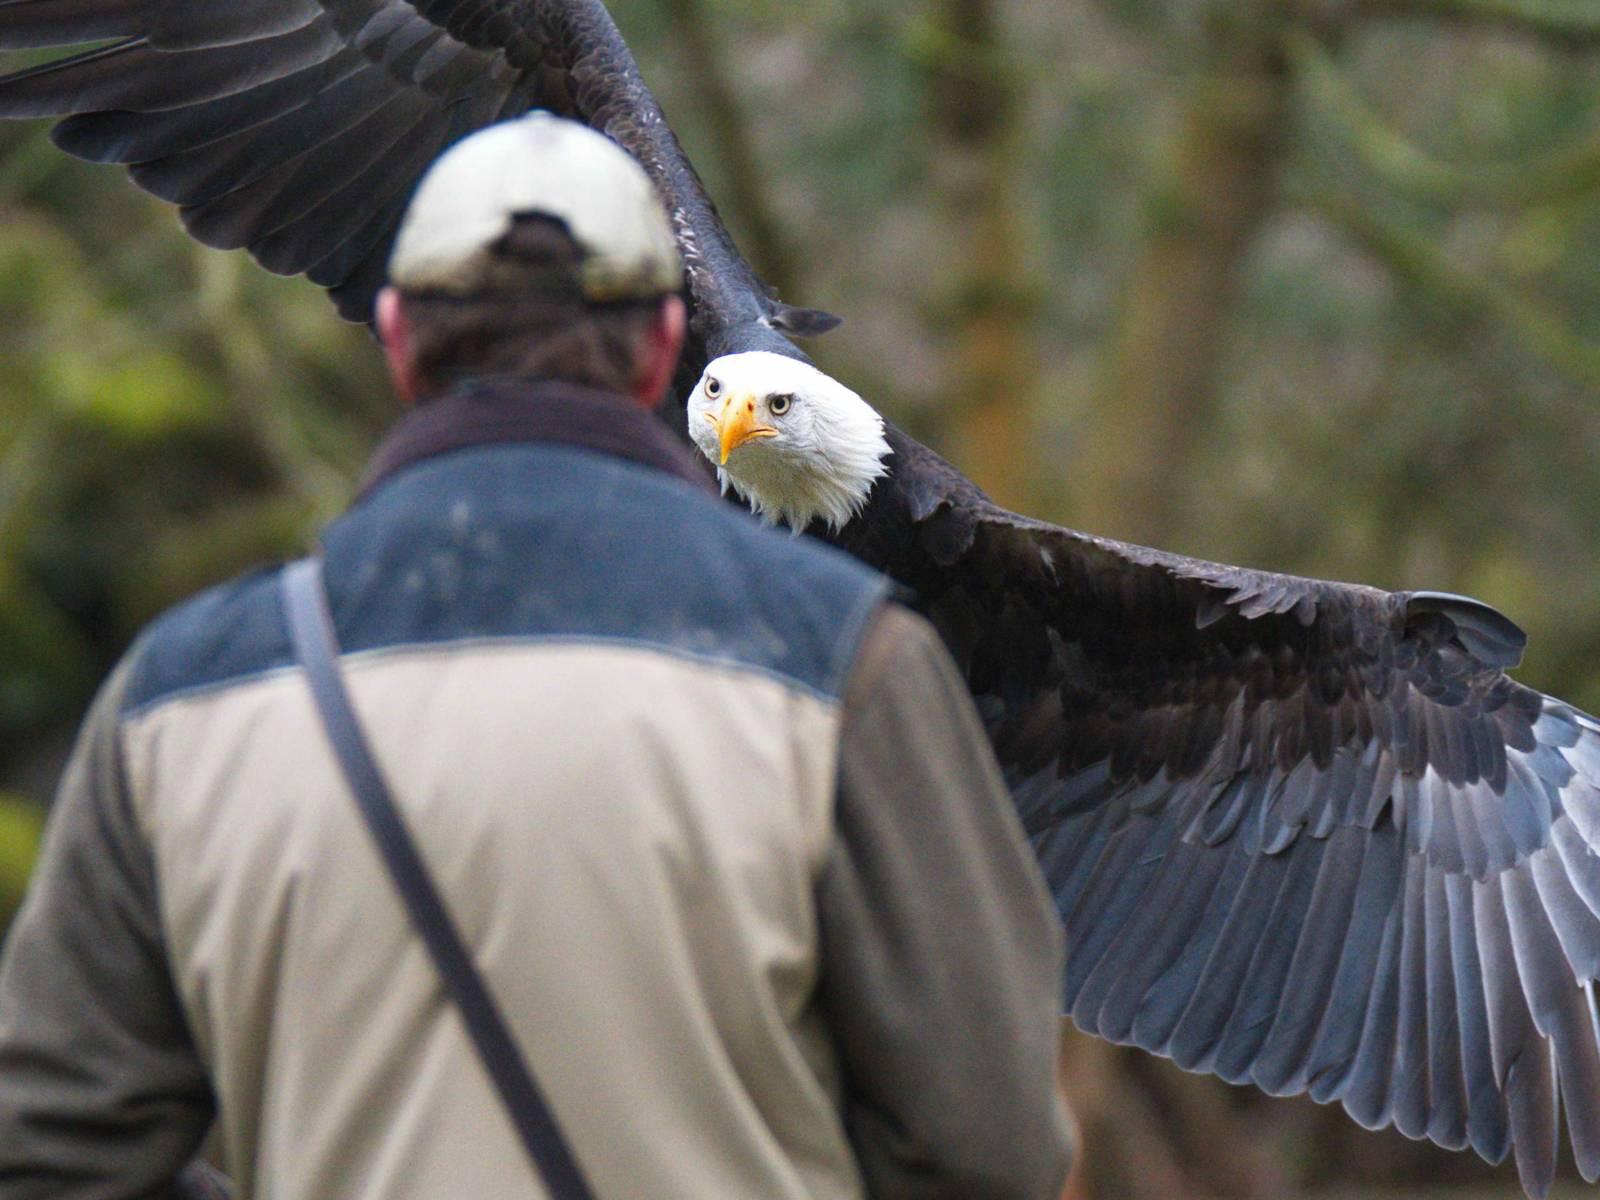 Ein Adler fliegt auf eine Person zu.